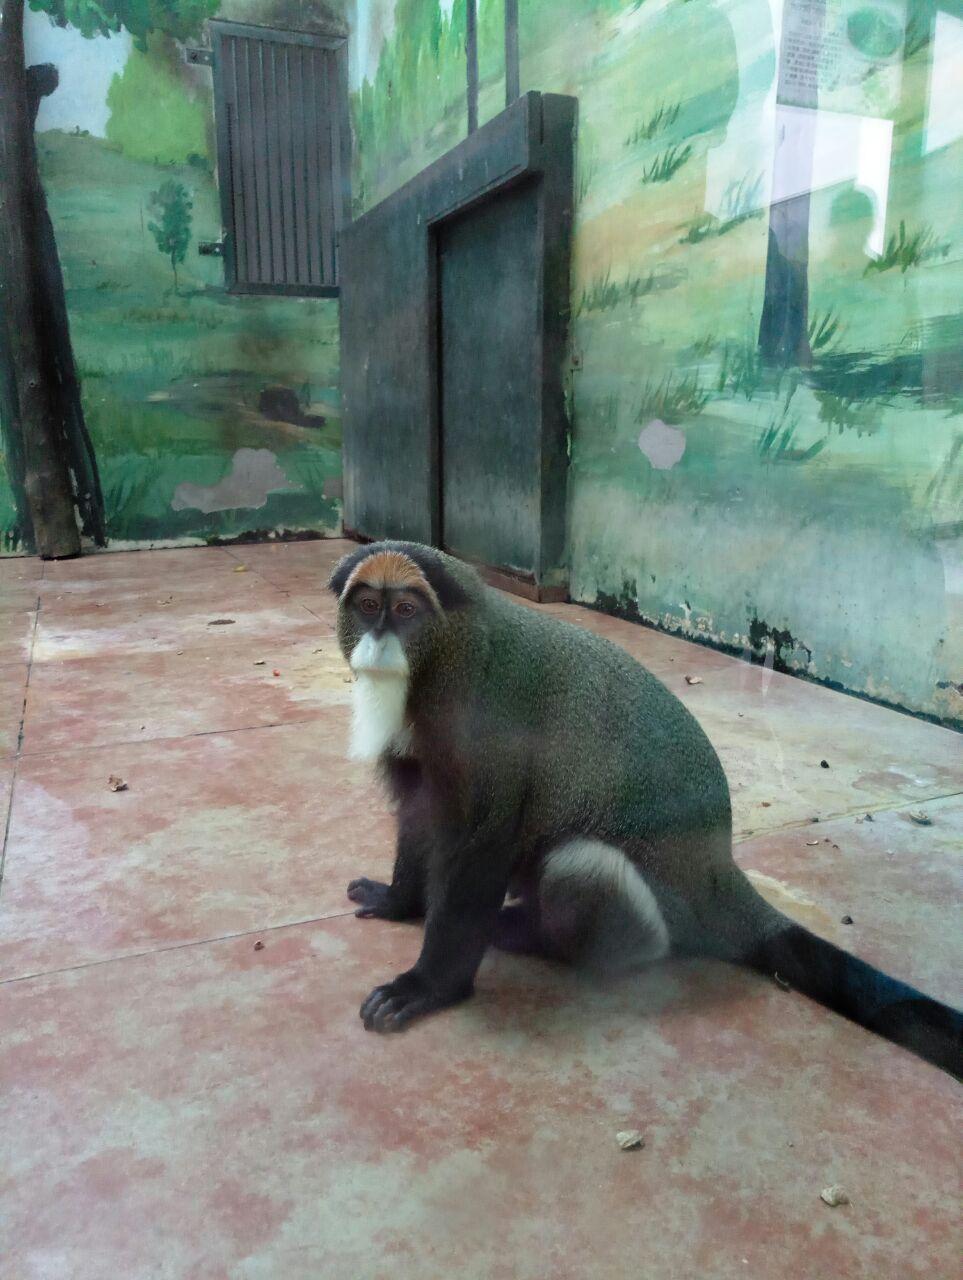 猩猩馆里就两只猩猩了,动物还是少了些,也不怎么与人互动.